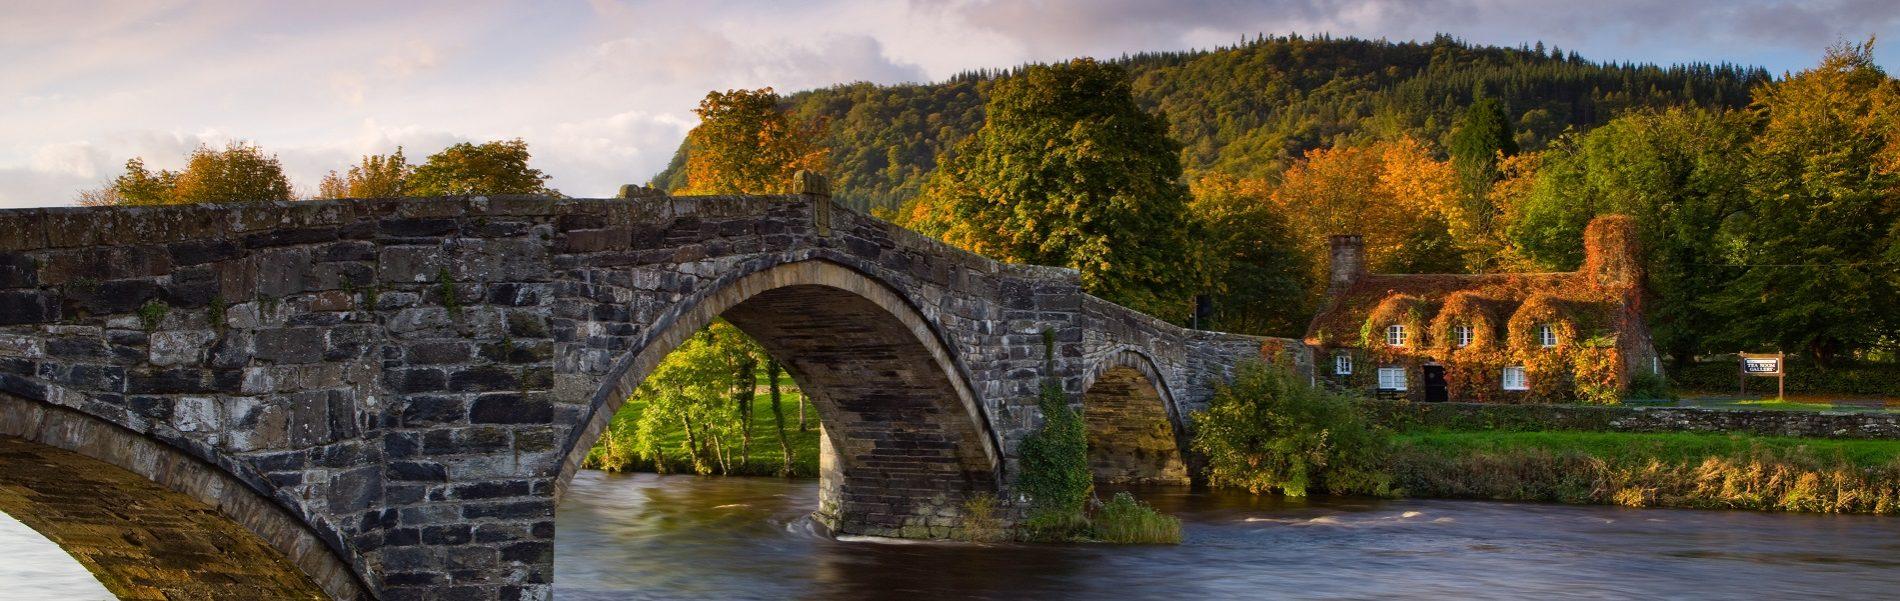 Tours of Britain - Conwy Bridge